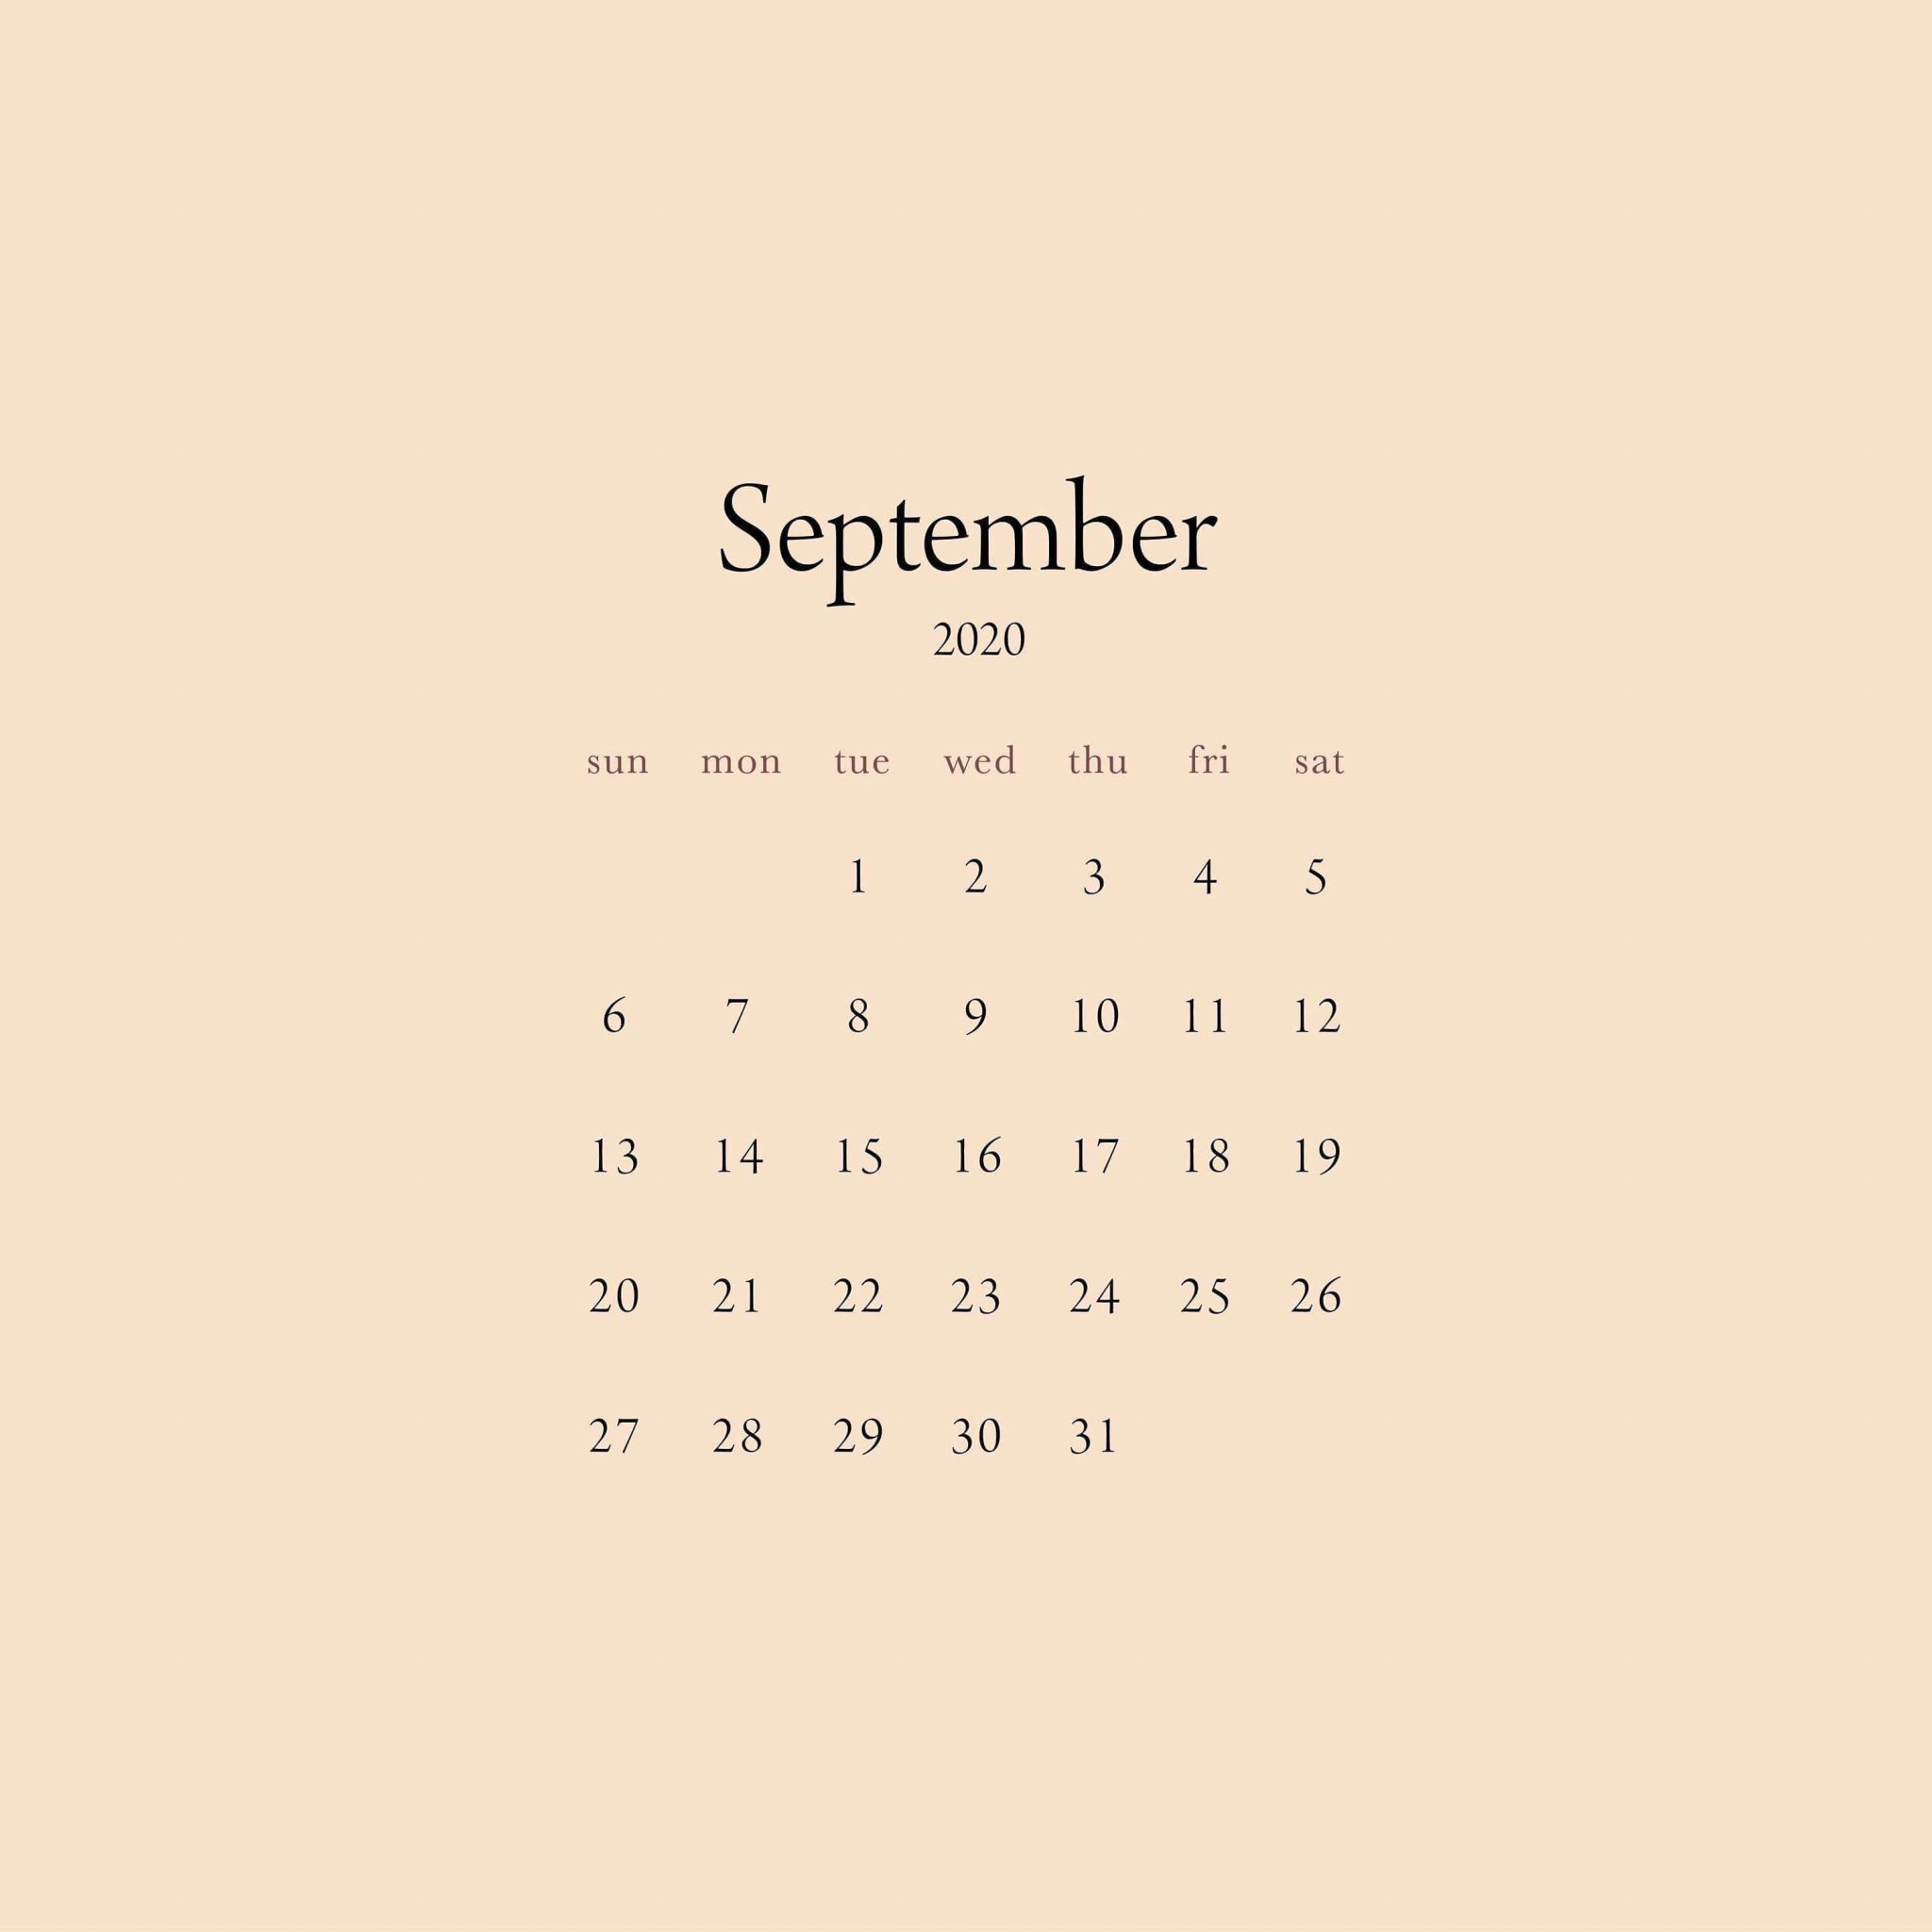 2021 September Desktop Calendar Wallpaper